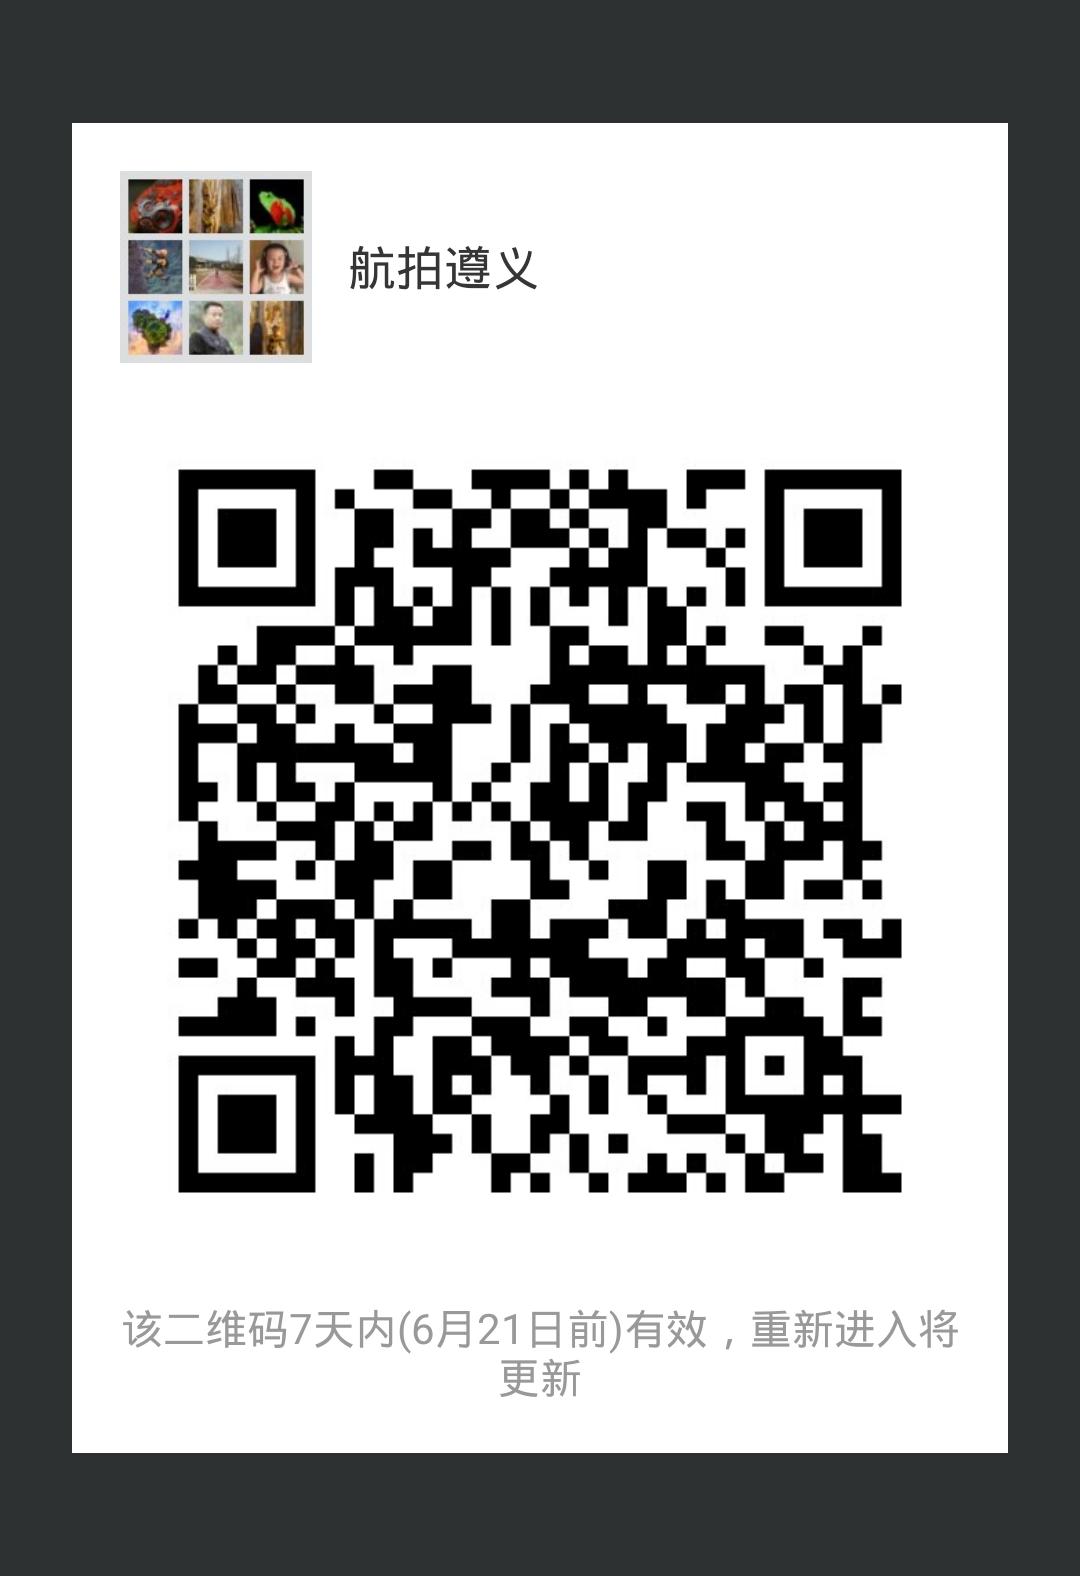 微信图片_20180614084851.png